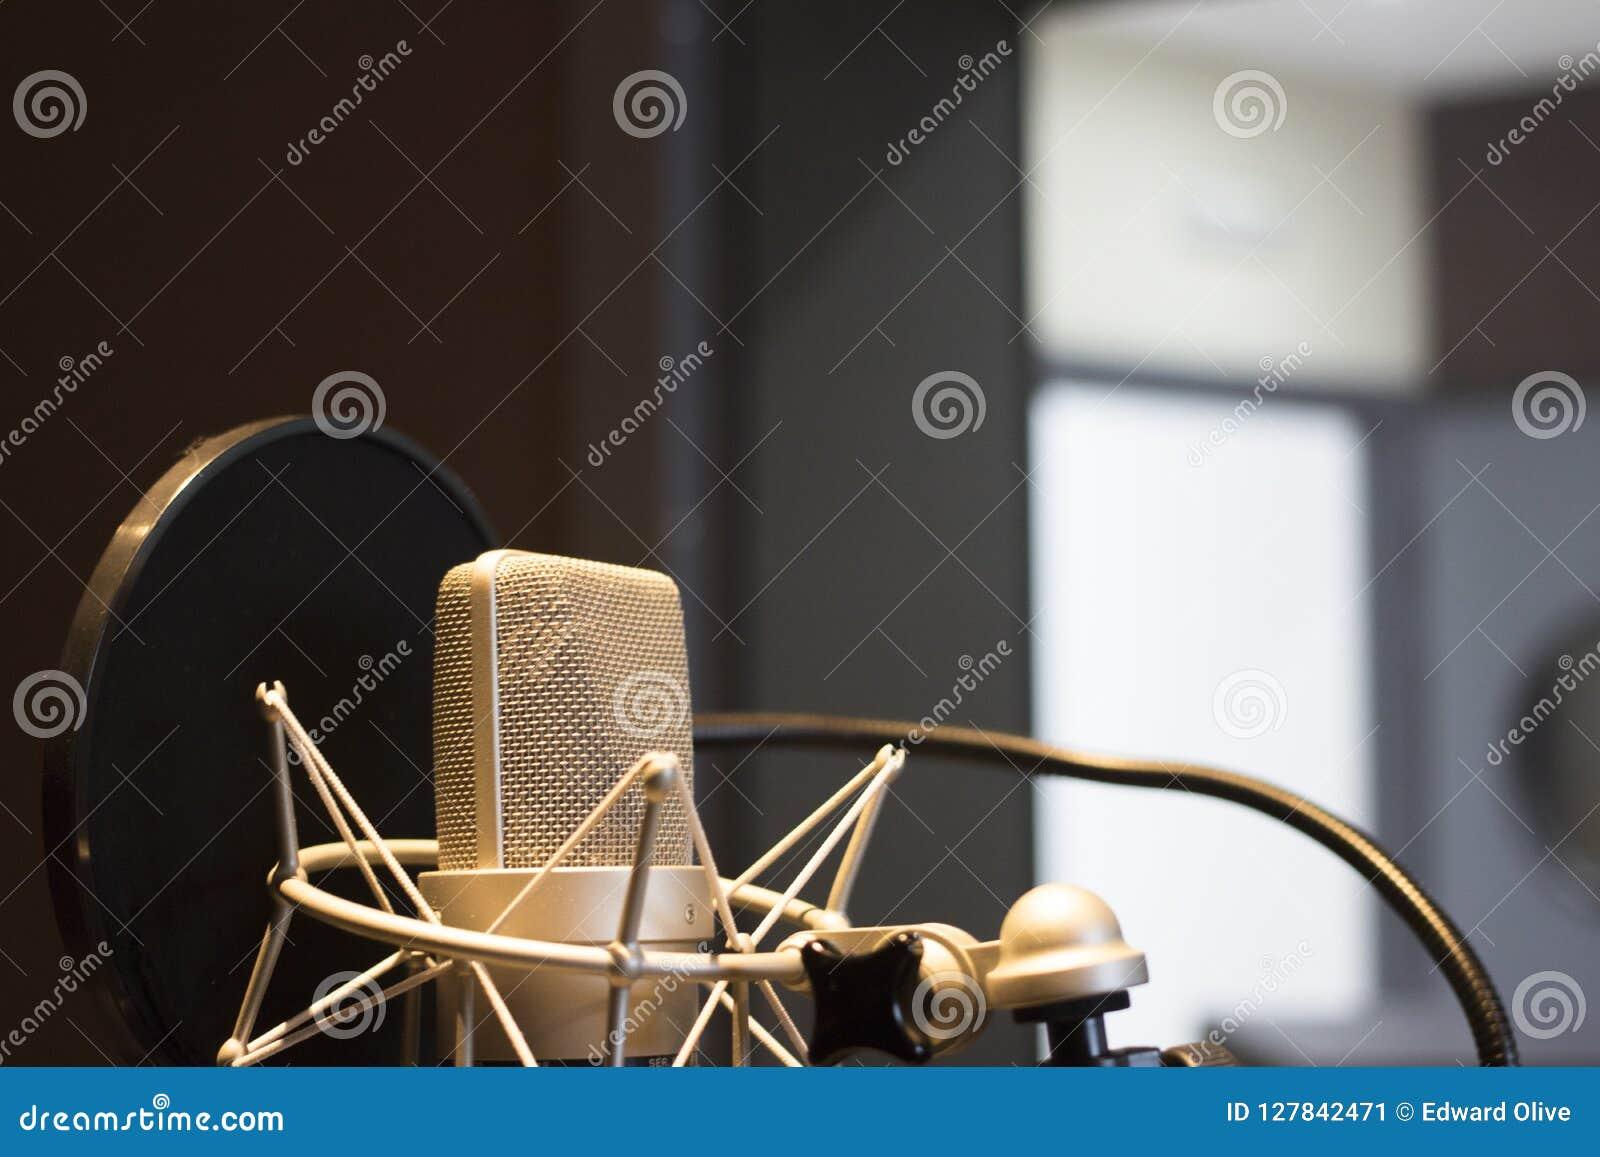 Recording Audio Studio Microphone Stock Image - Image of